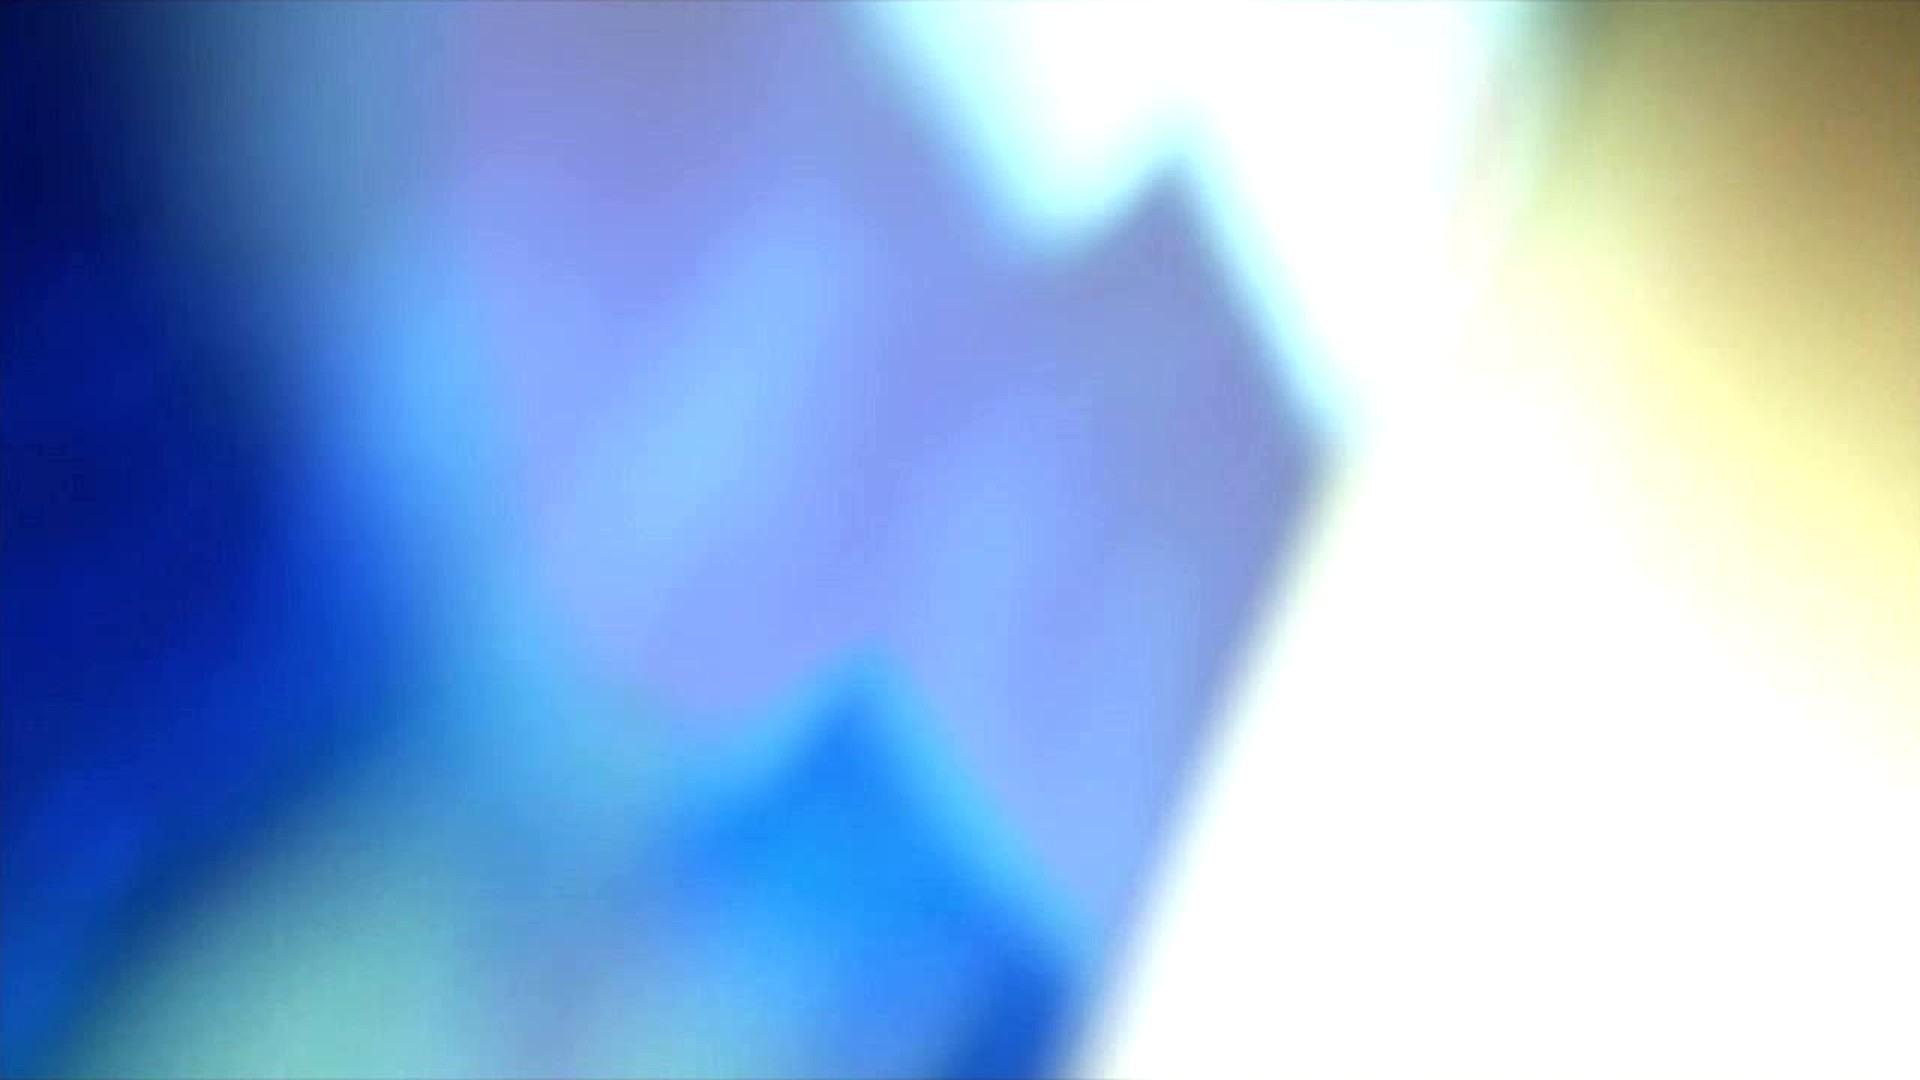 魔術師の お・も・て・な・し vol.22 コミュサイトで知り合った20歳におもてなし イタズラ   OLセックス  111画像 97